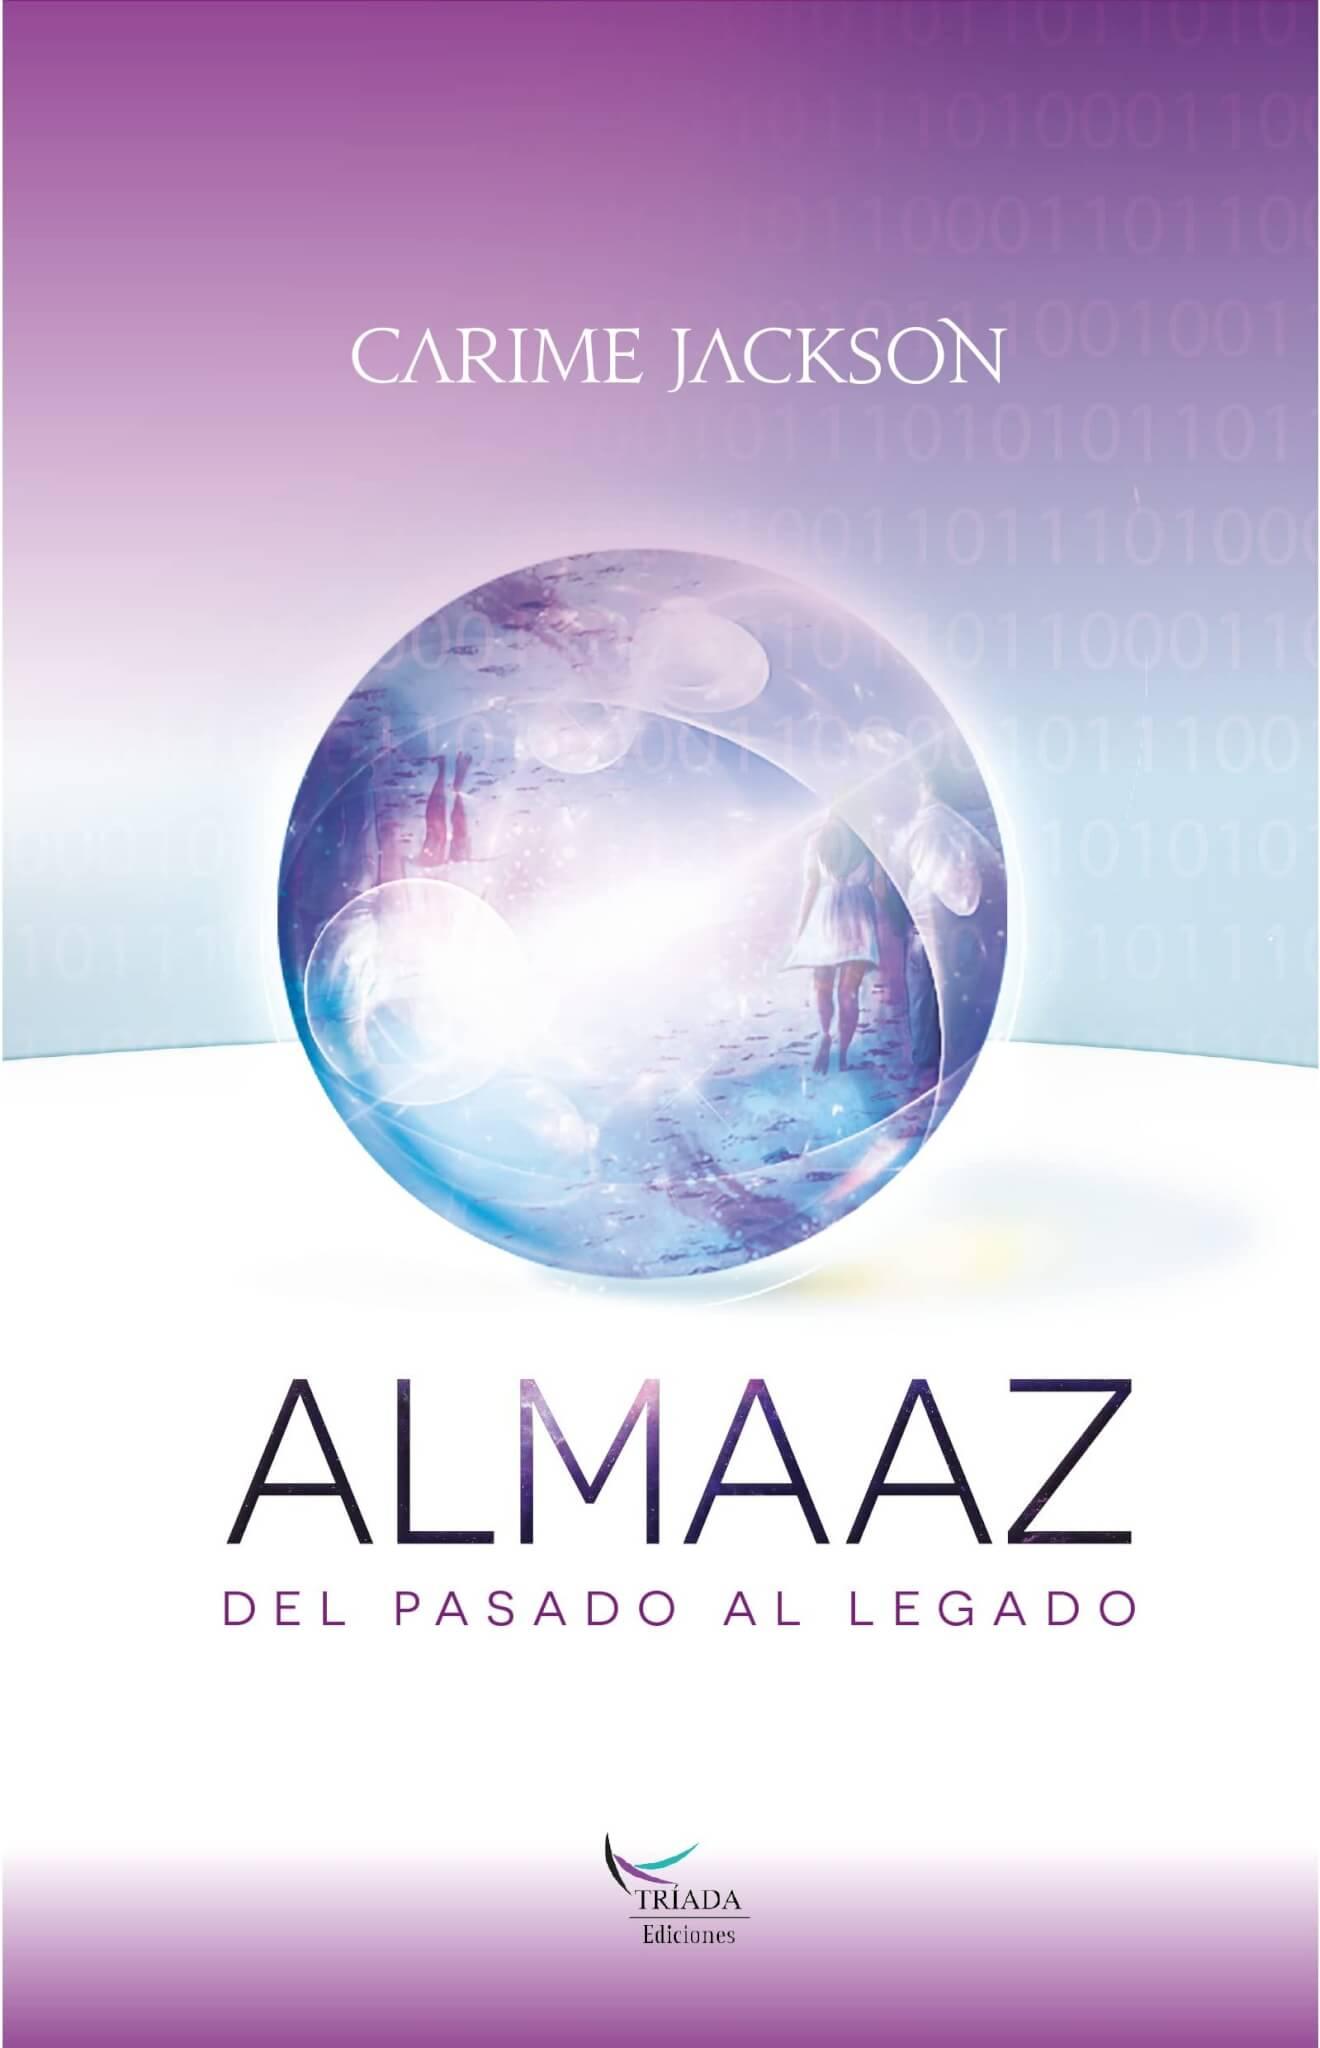 Almaaz: Del pasado al legado